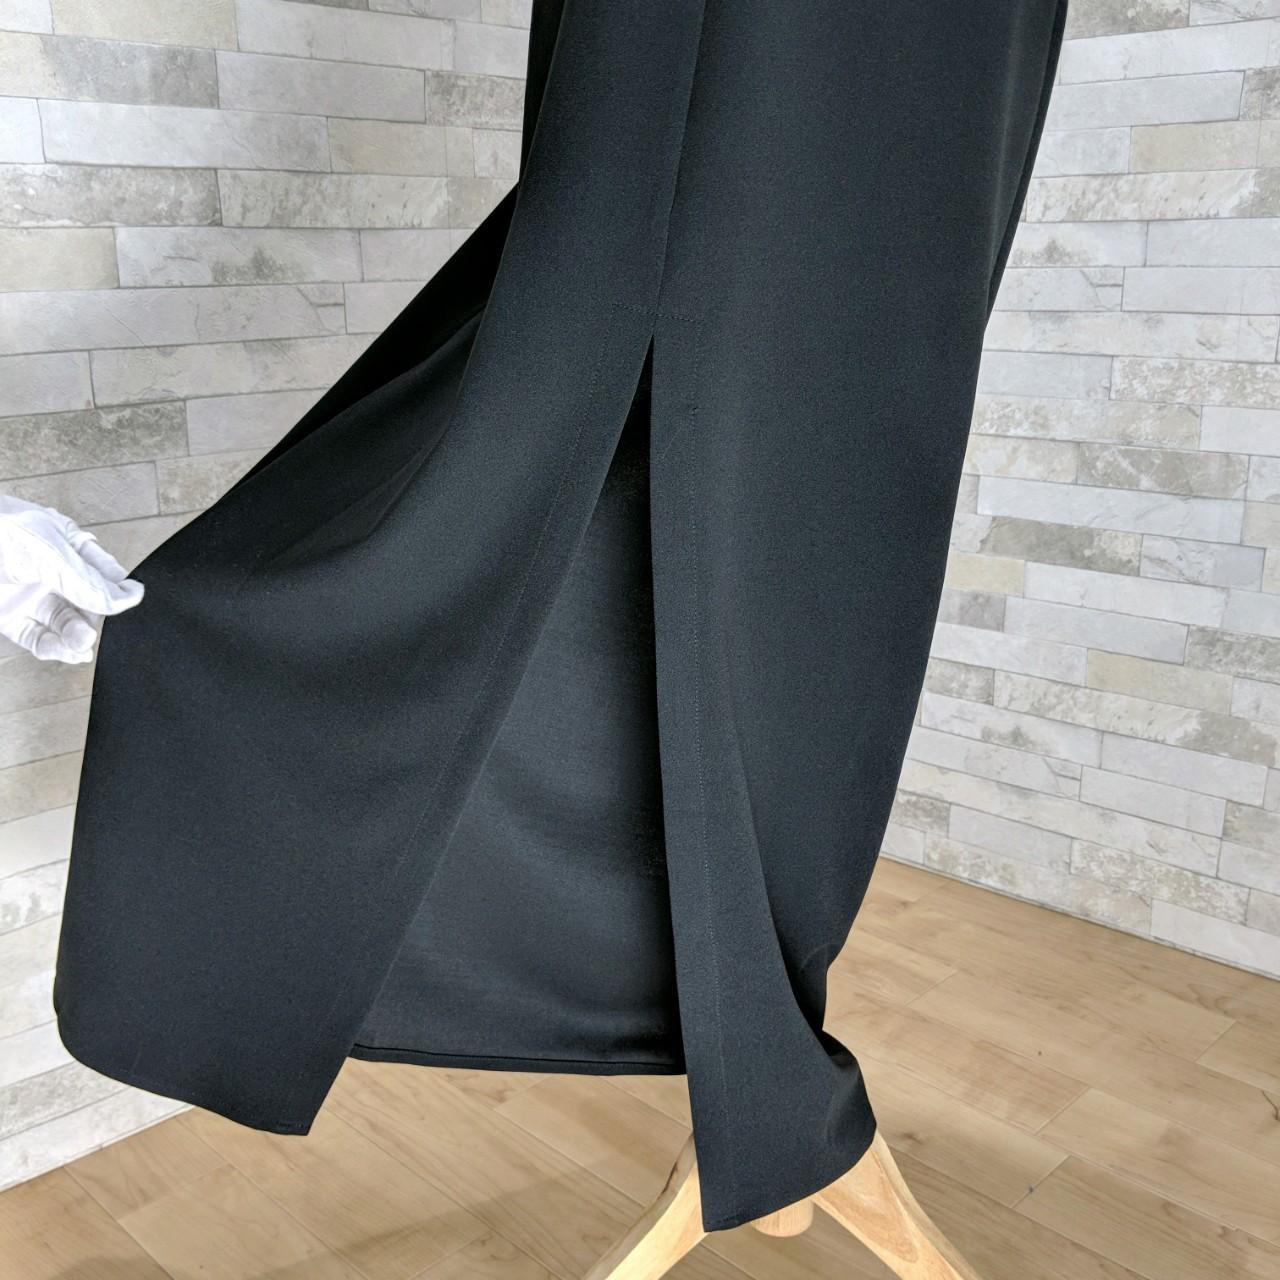 【即納】韓国 ファッション ワンピース パーティードレス ロング マキシ 秋 冬 パーティー ブライダル SPTXC523 結婚式 お呼ばれ ラップ ドレープ ウエストマーク 二次会 セレブ きれいめの写真19枚目